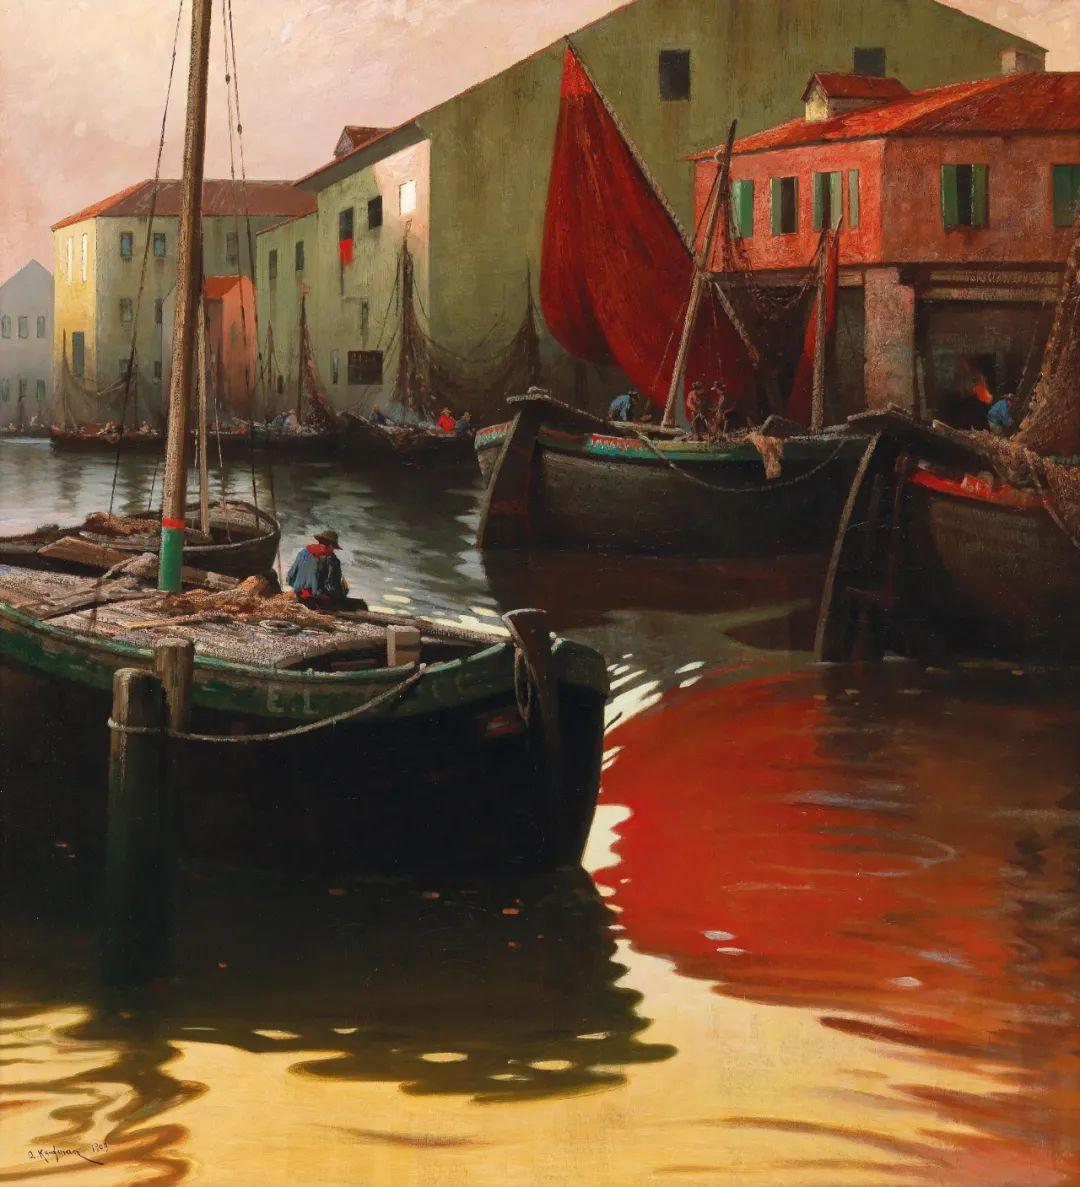 风景油画丨奥地利画家阿道夫·考夫曼的精美风景画插图33